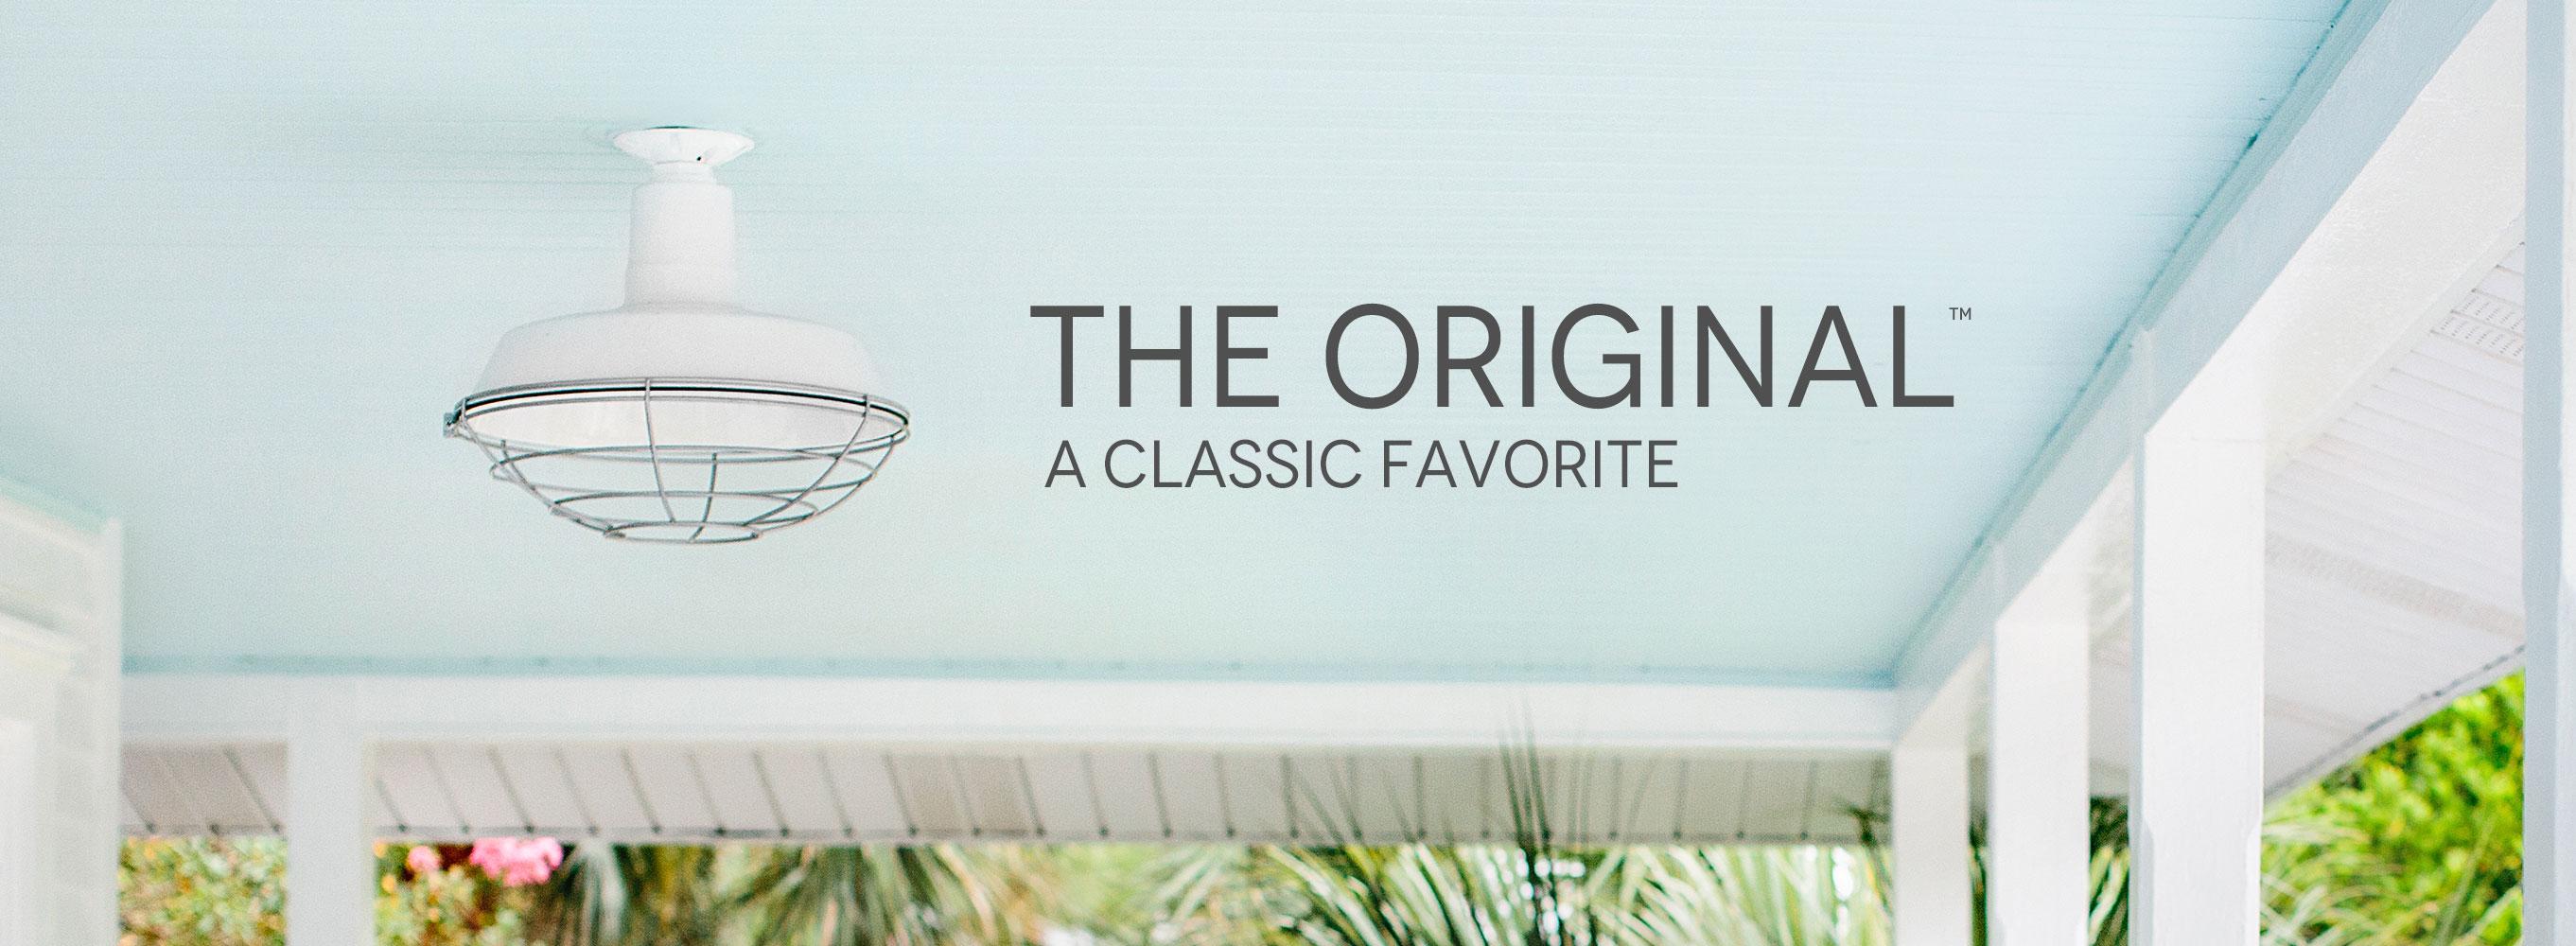 The Original™